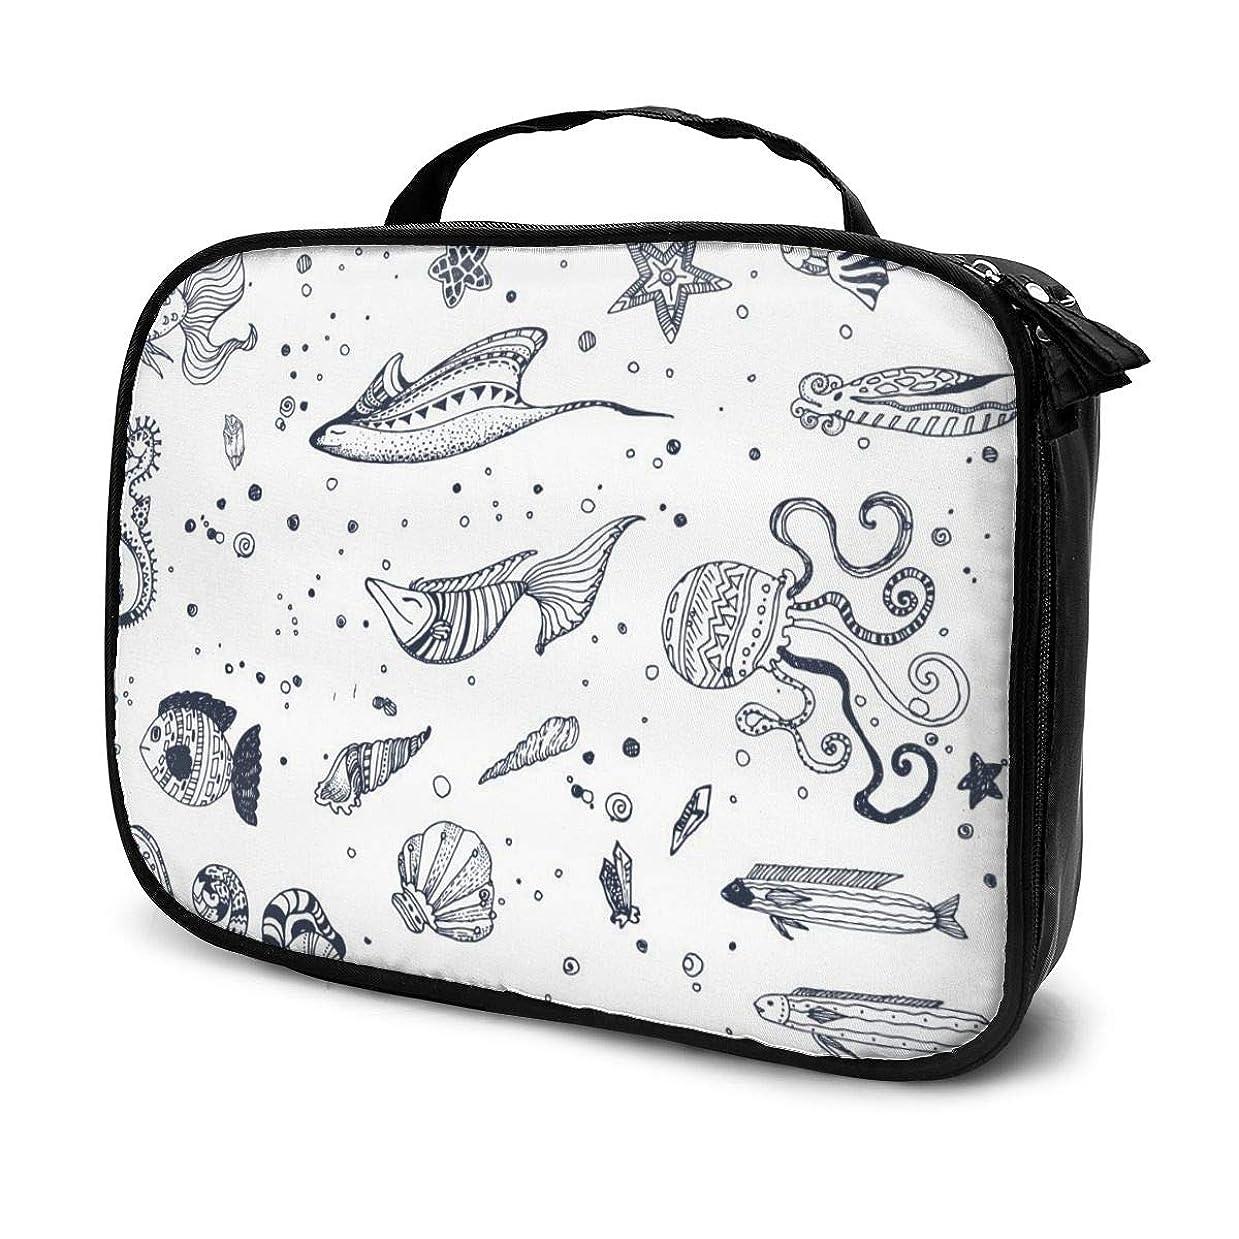 致死安価な連続した収納袋オーシャンパーク化粧品袋耐摩耗性軽量ポータブル高品質大容量旅行ポーチバスルームポーチ旅行小物整理約8×25×19cm